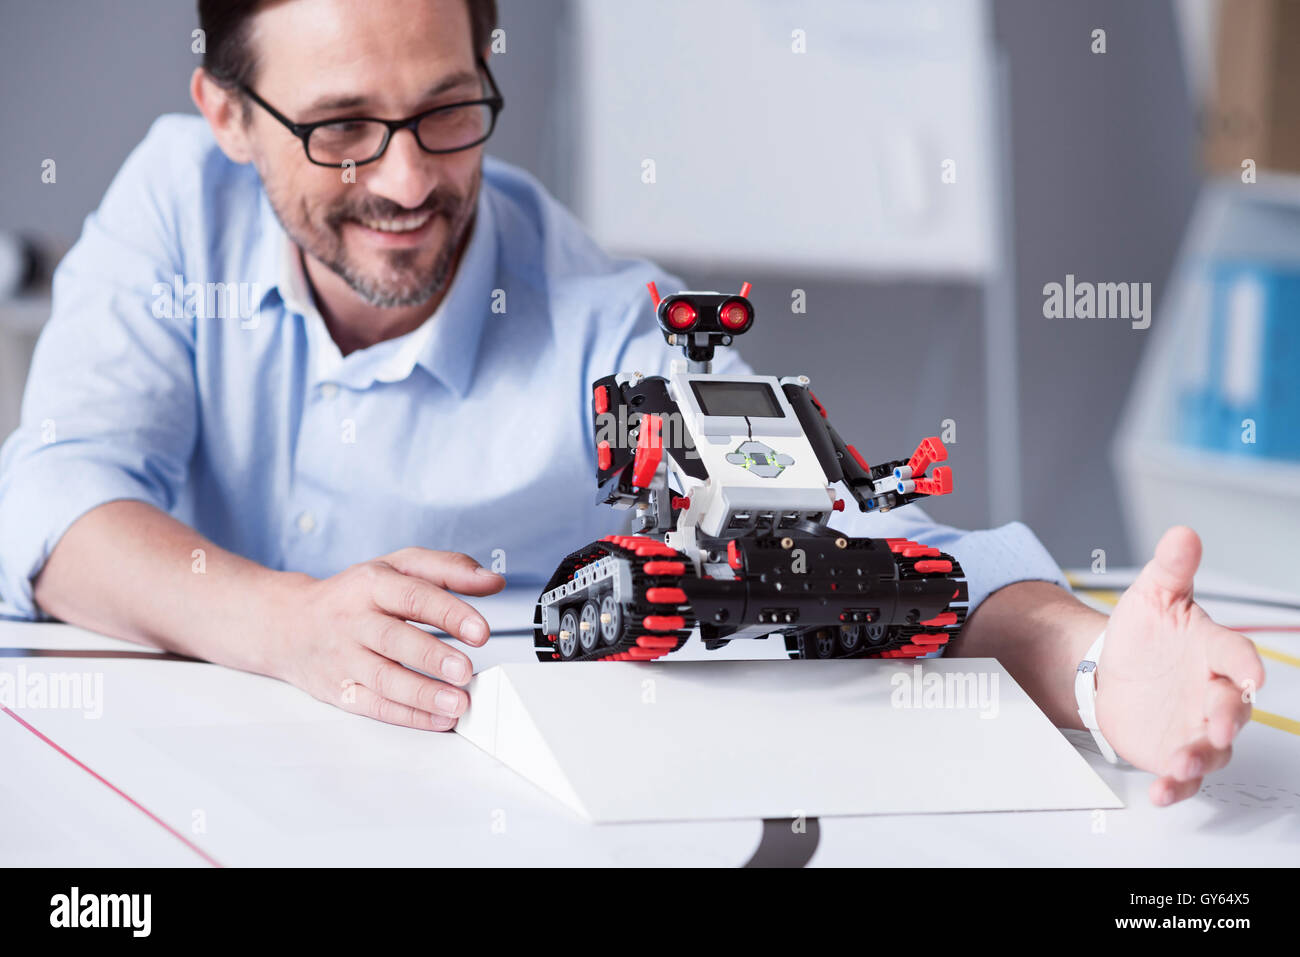 Robotics Scientist Stock Photos Robotics Scientist Stock Images